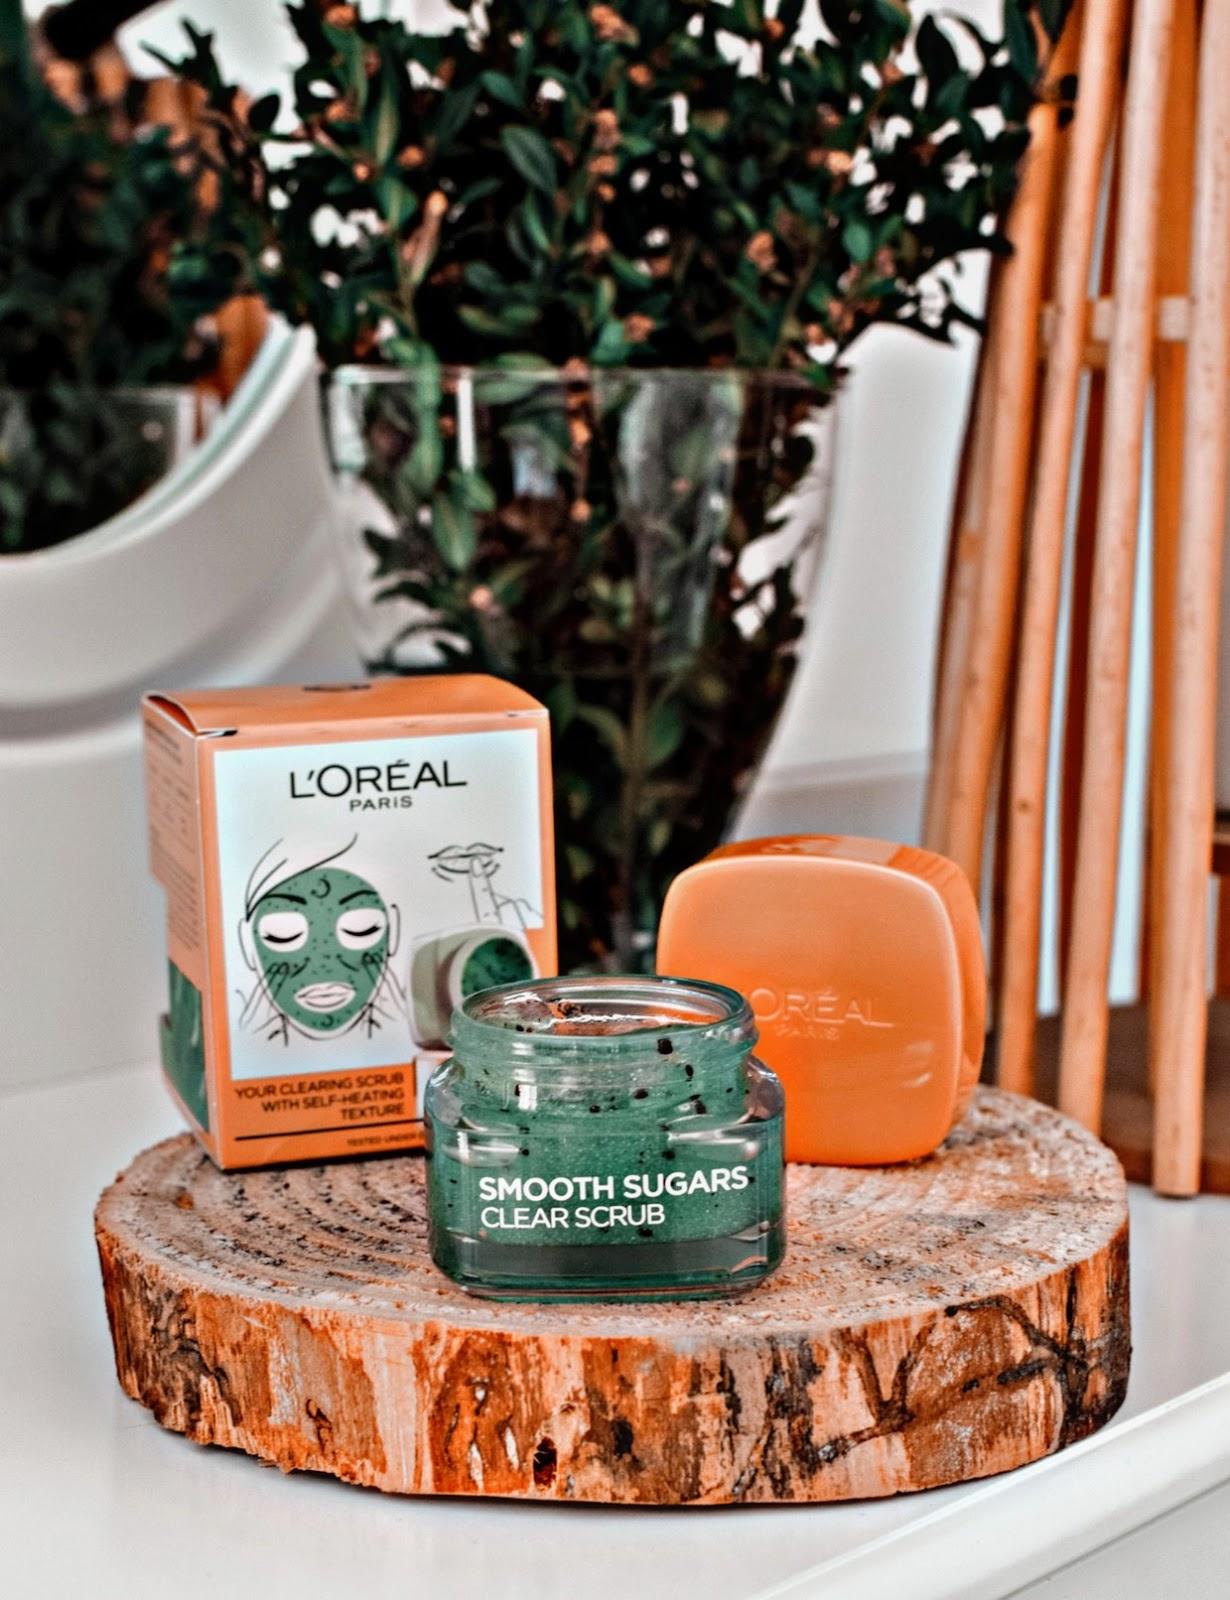 Oczyszczanie skóry z L'oreal Paris